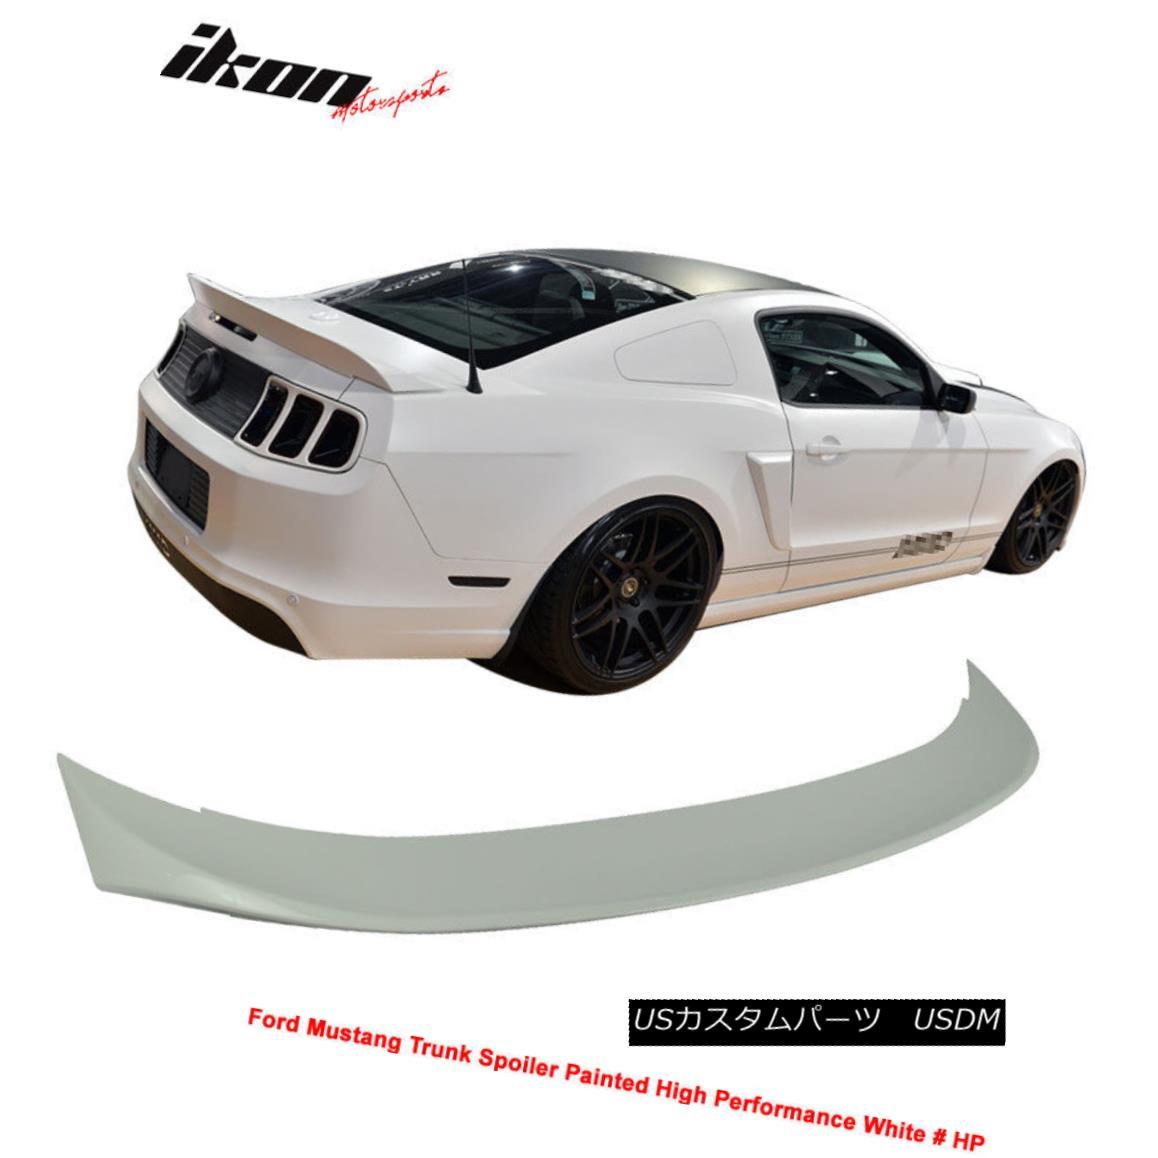 エアロパーツ 10-14 Ford Mustang D Style Trunk Spoiler Painted High Performance White # HP 10-14フォードマスタングDスタイルのトランク・スポイラー、高性能の白塗り#HP